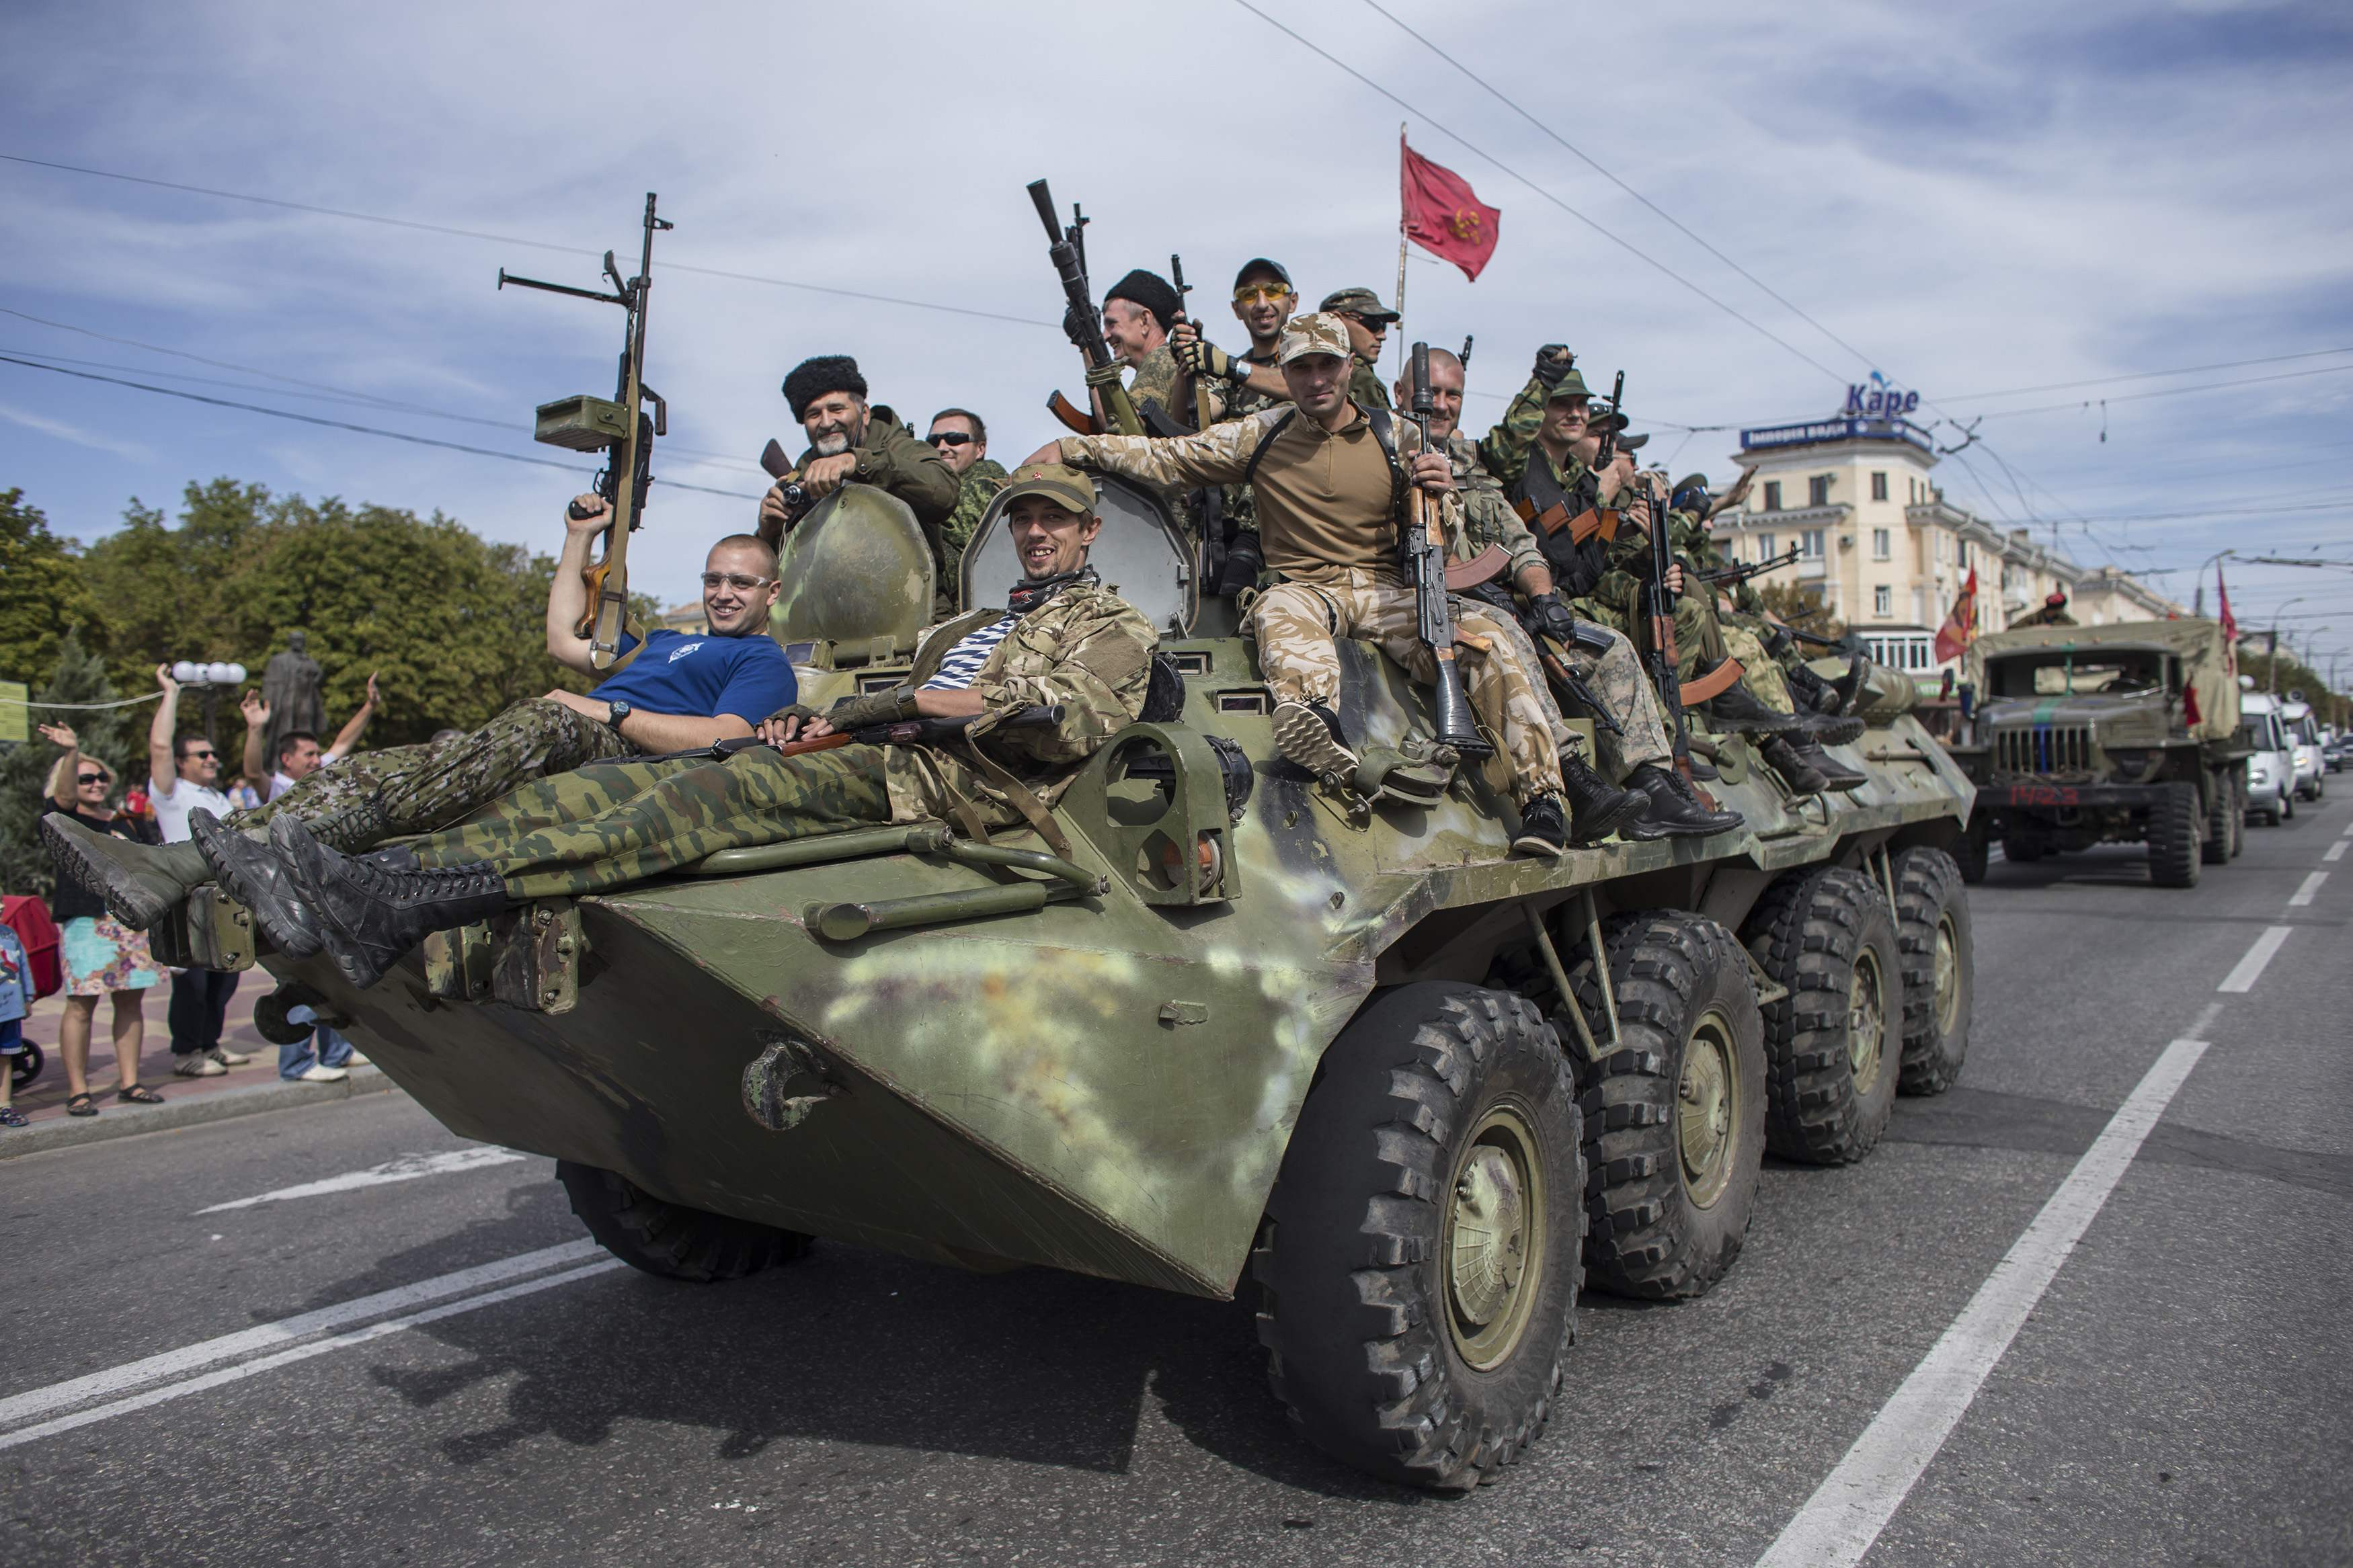 В Луганске боевики боролись за потоки, которые идут из РФ, сказал  Зорян Шкиряк